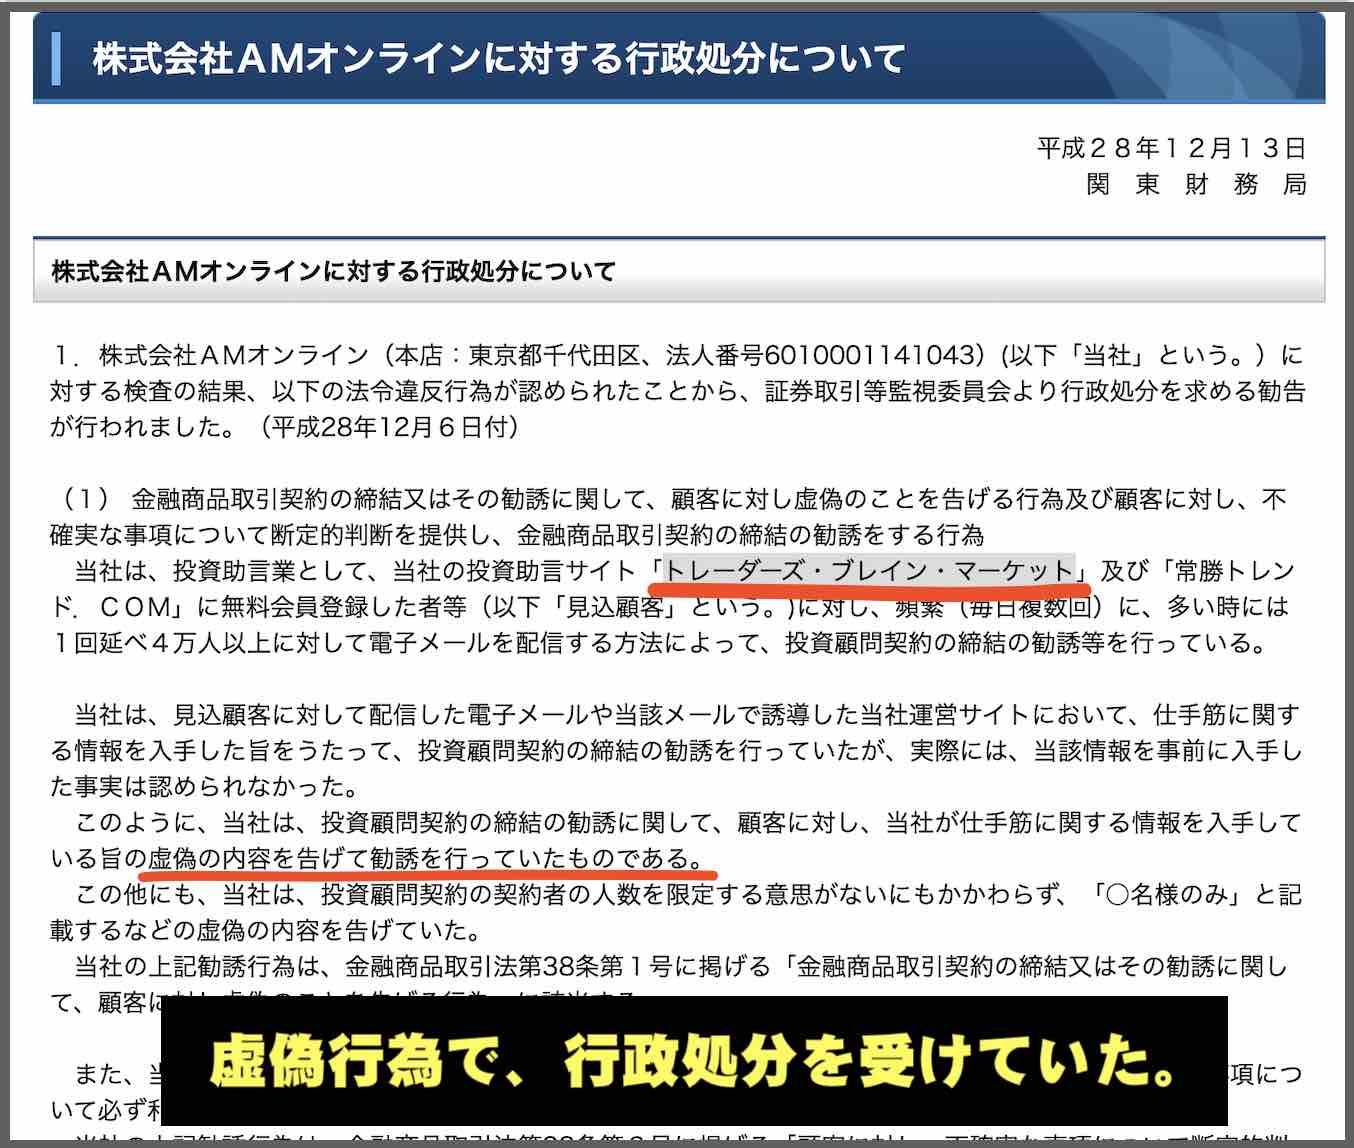 万馬券UMAという競馬予想サイトの運営社は虚偽行為で行政処分を受けていた